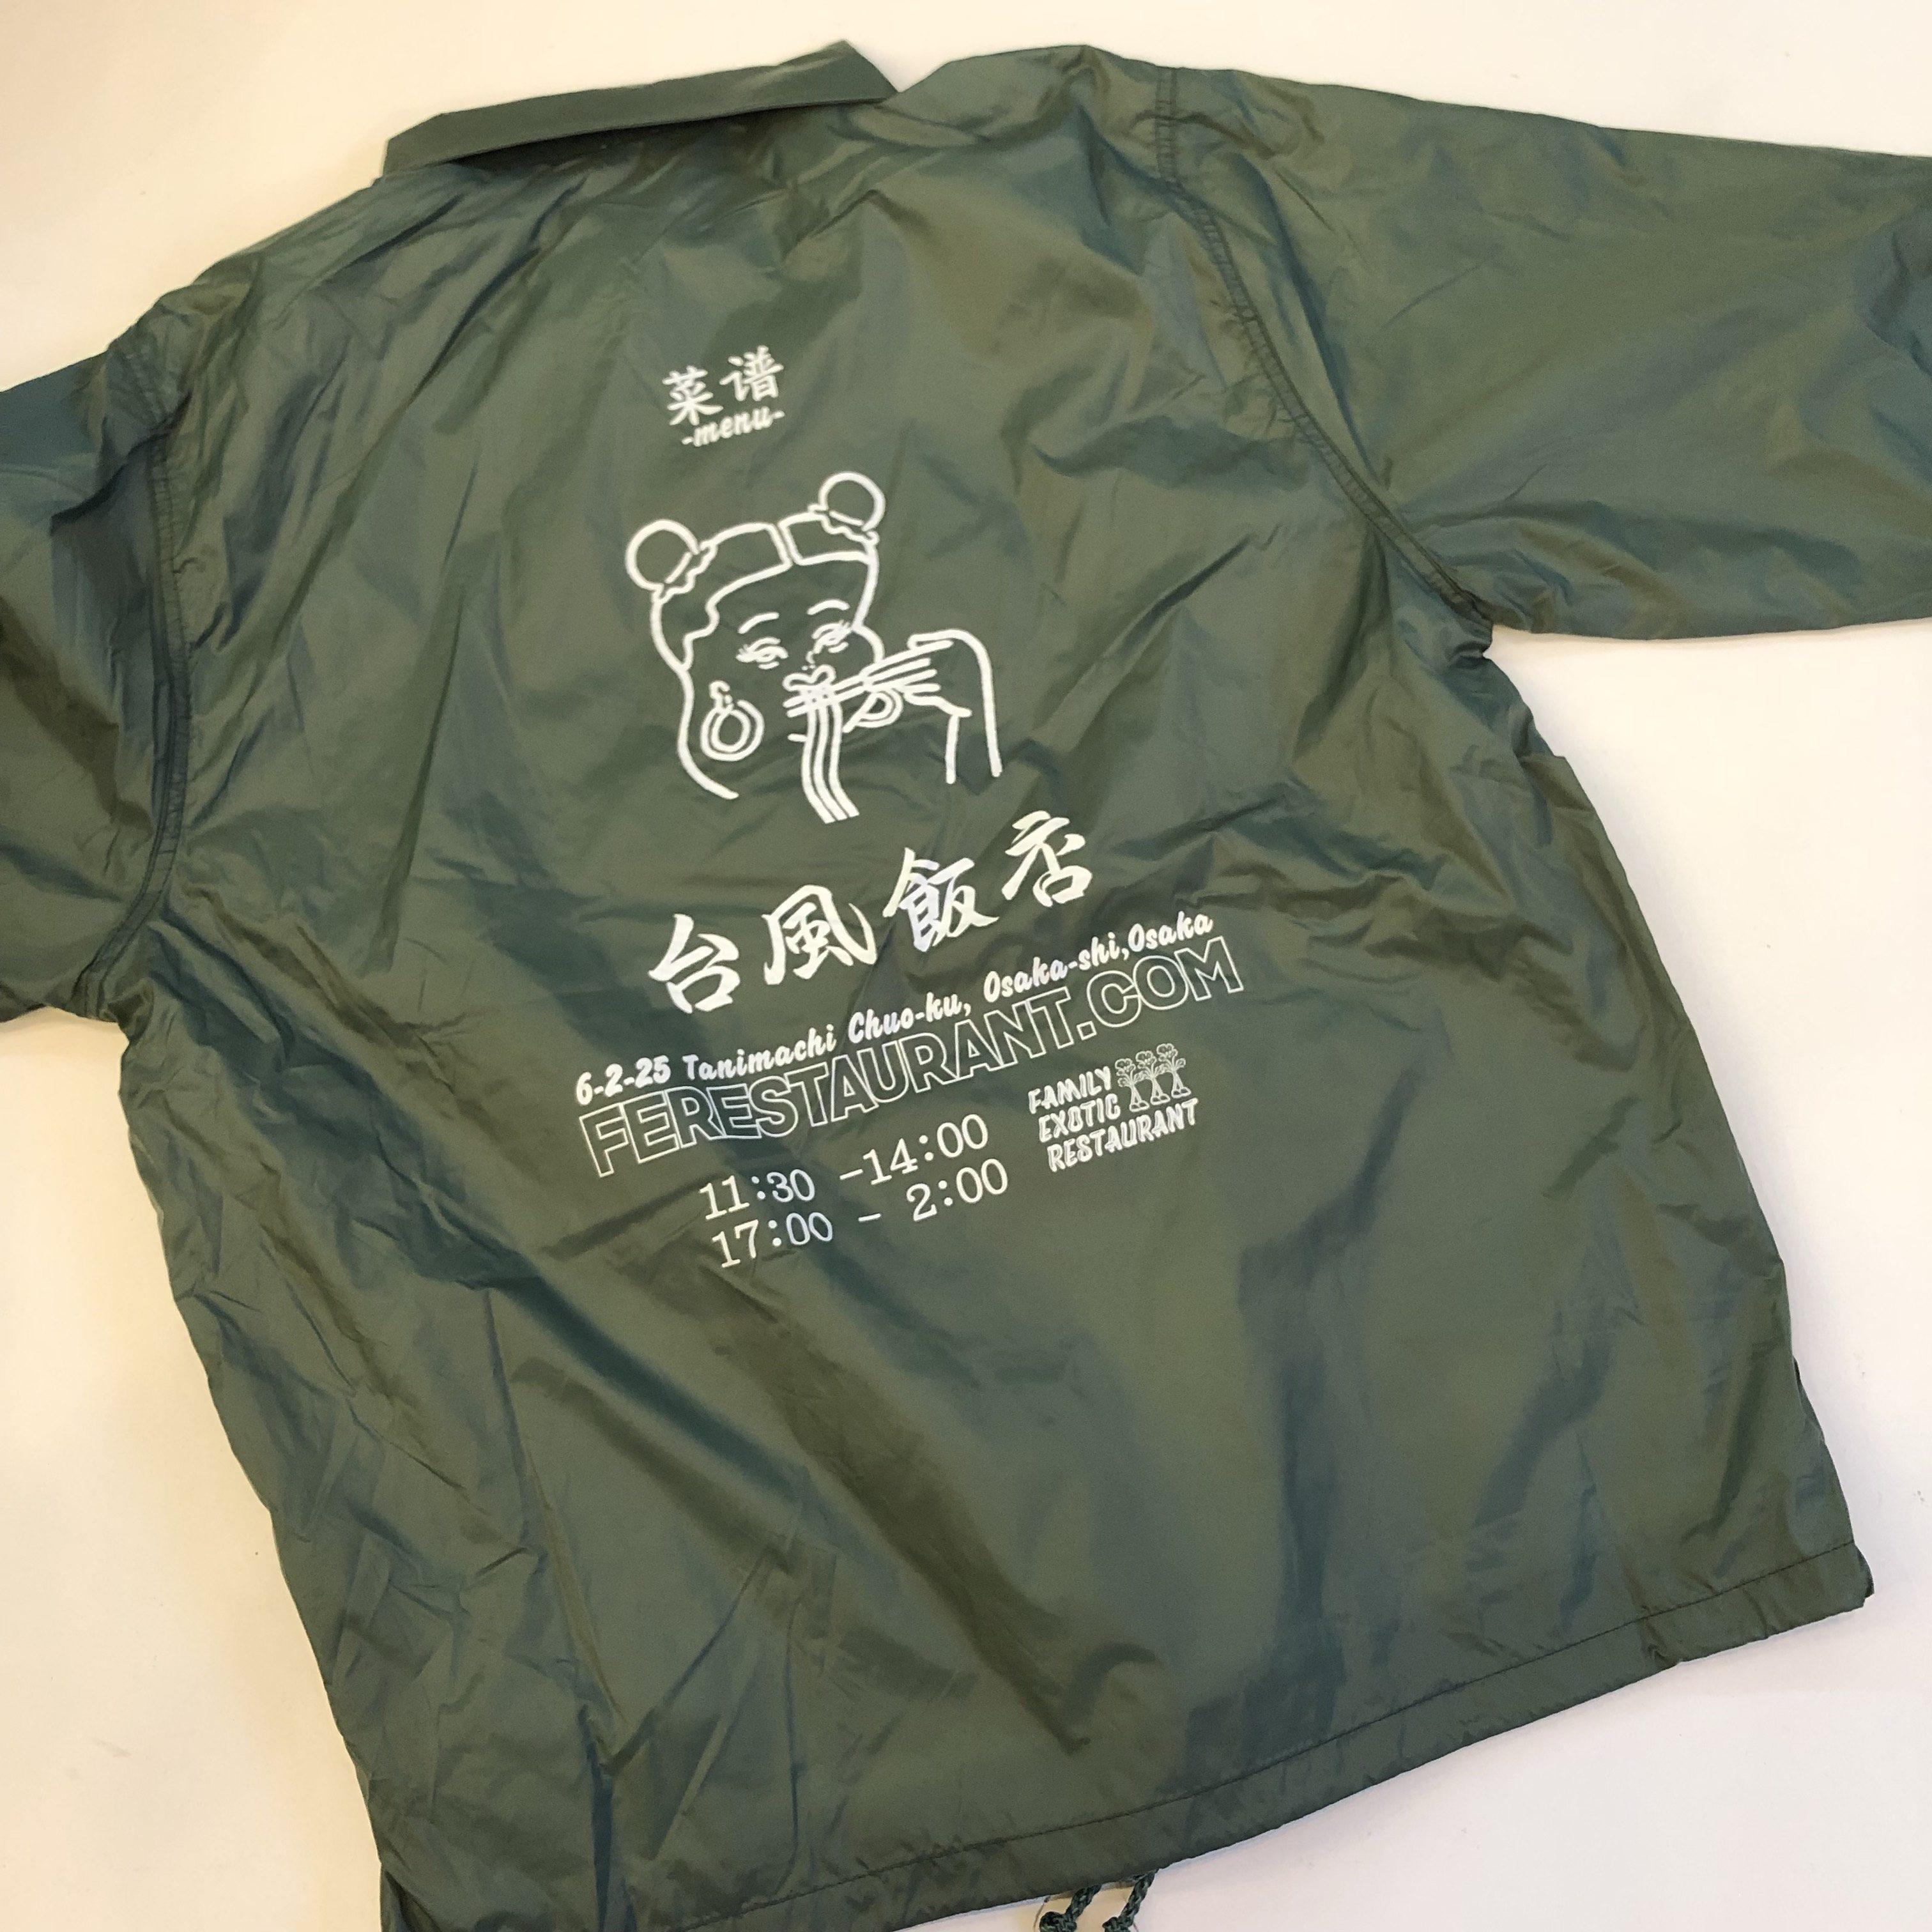 台風飯店コーチジャケット